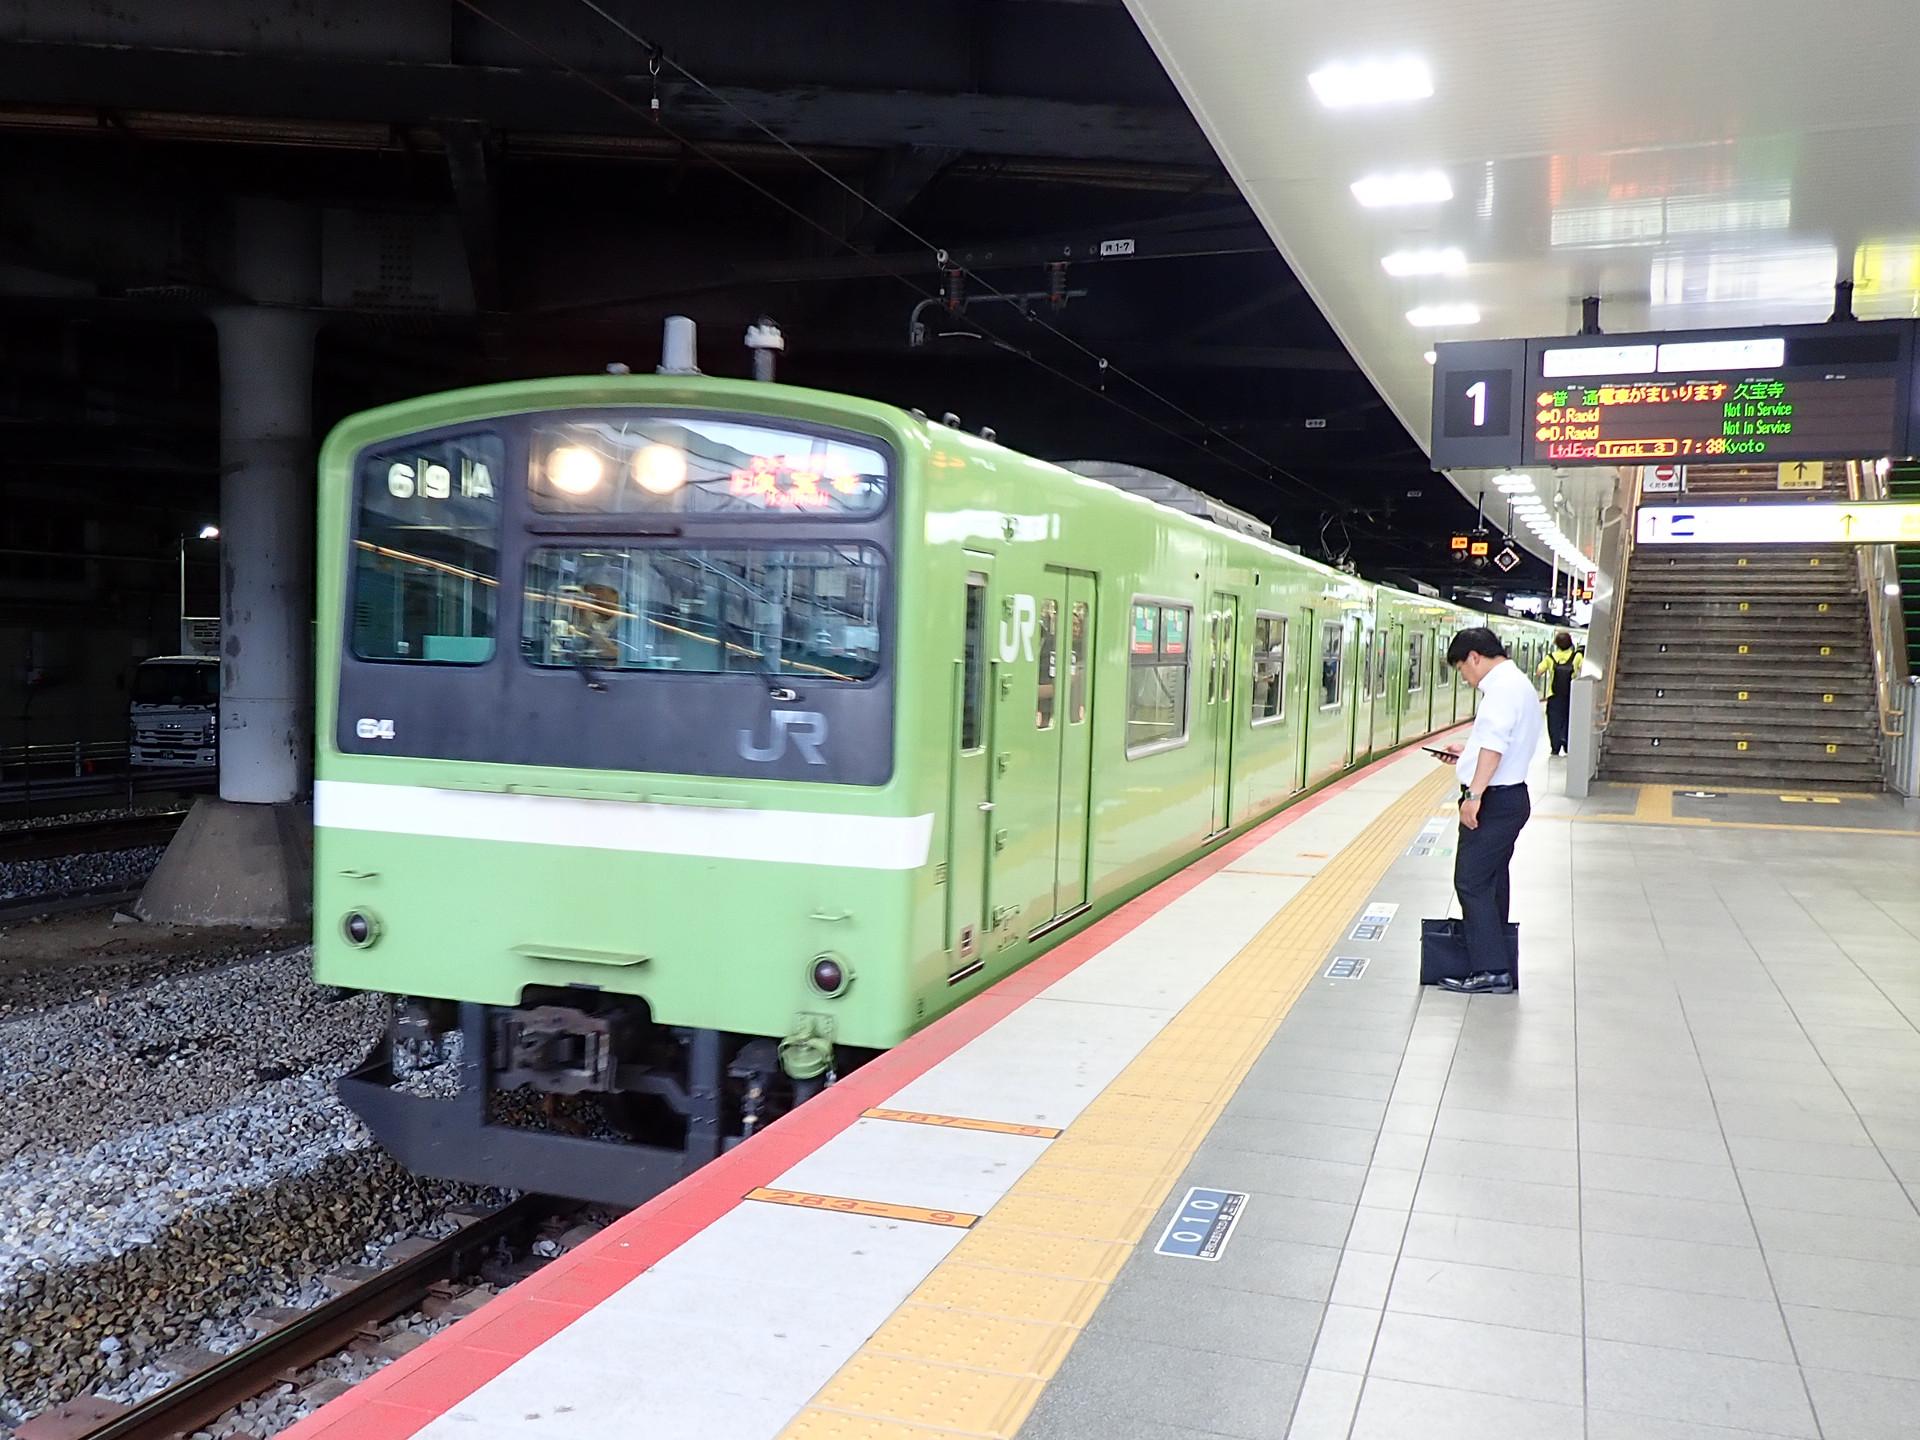 おおさか東線の新大阪延伸で所要時間が10分程度退縮されました。